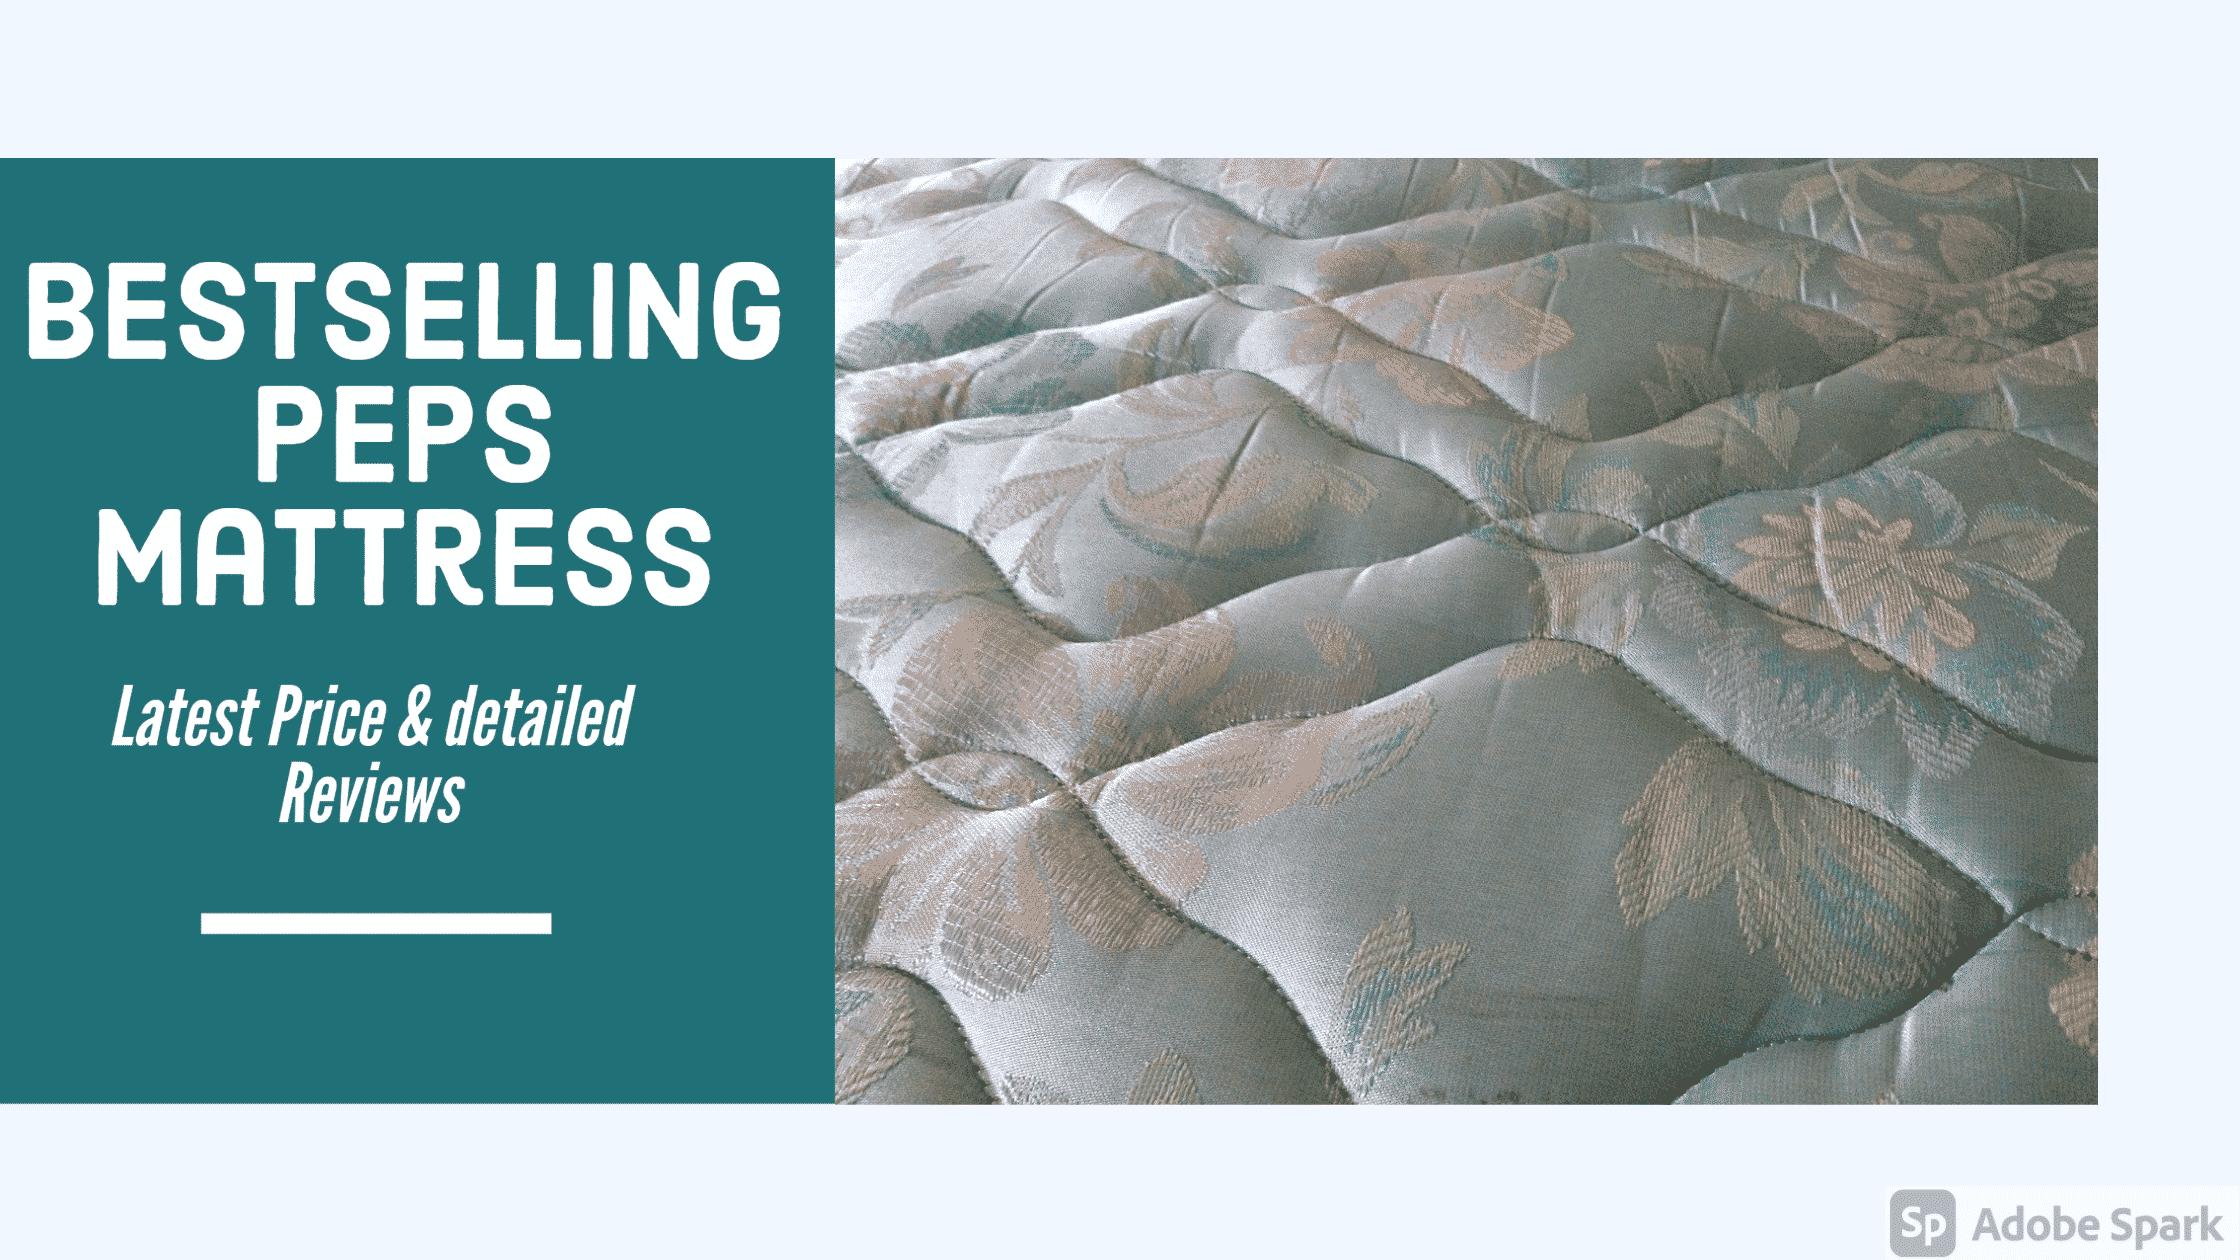 peps mattress review